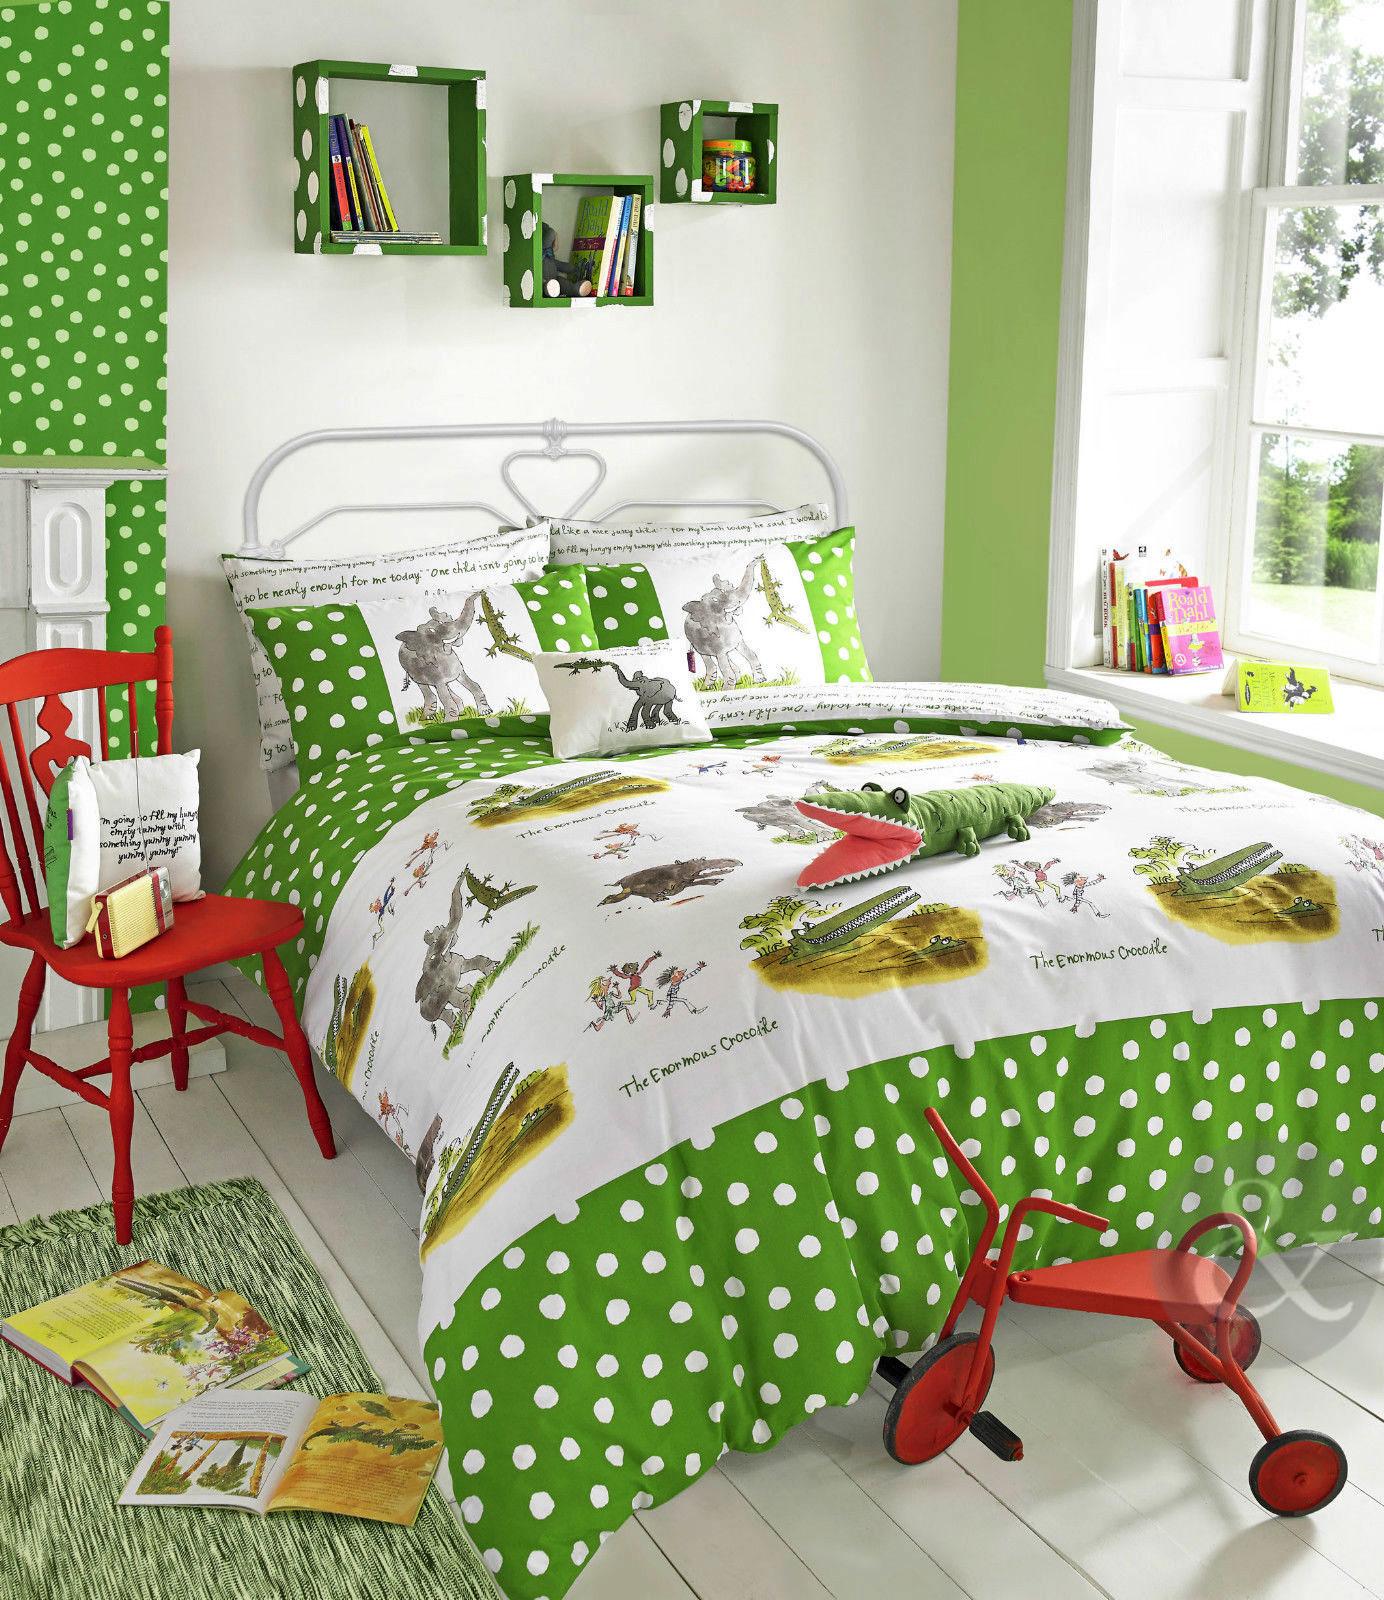 roald dahl enfants housse de couette 100 coton avec housse de couette gar ons filles literie. Black Bedroom Furniture Sets. Home Design Ideas